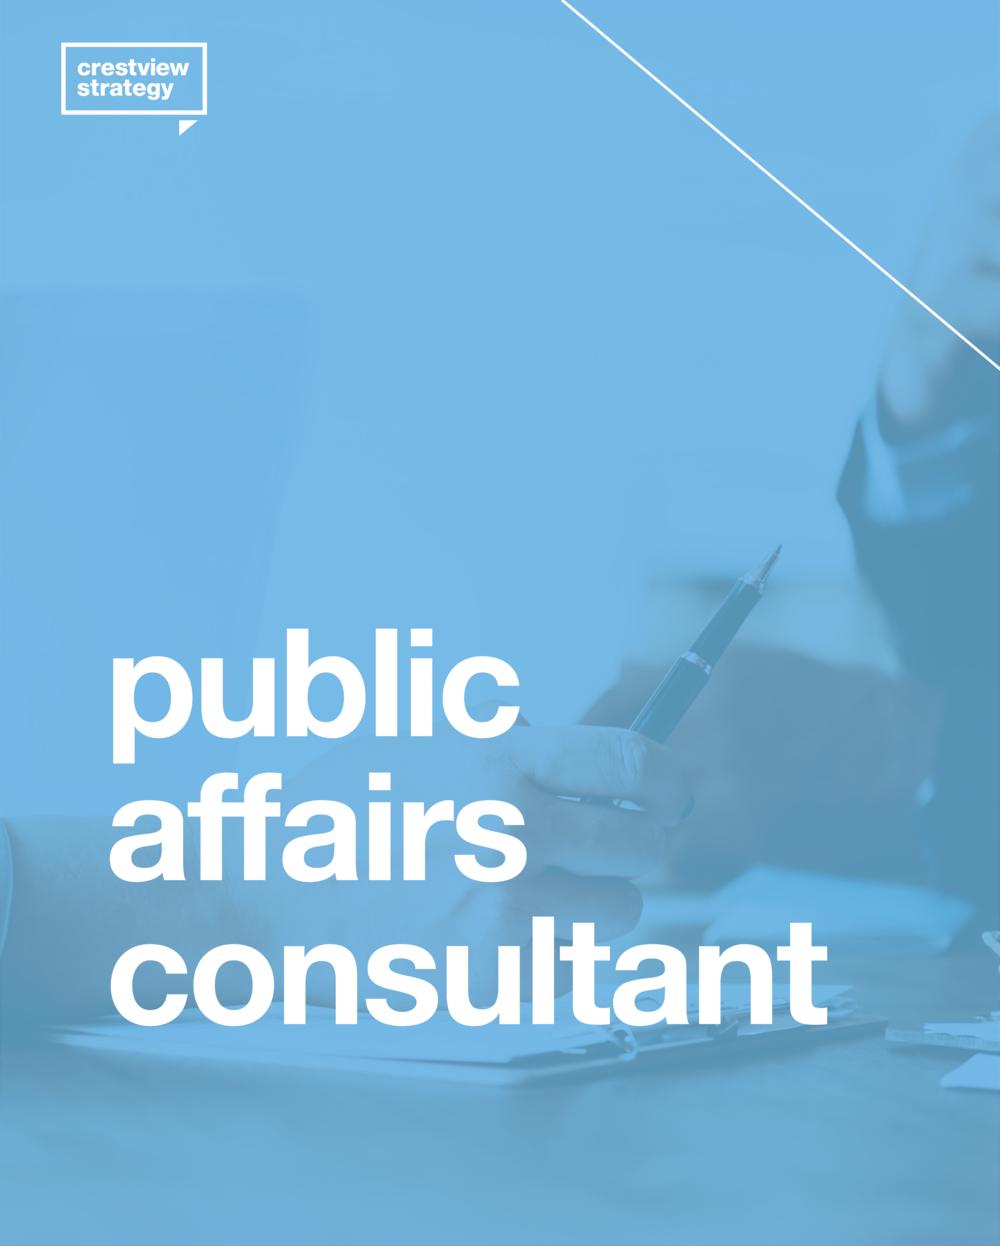 Public Affairs Consultant Toronto